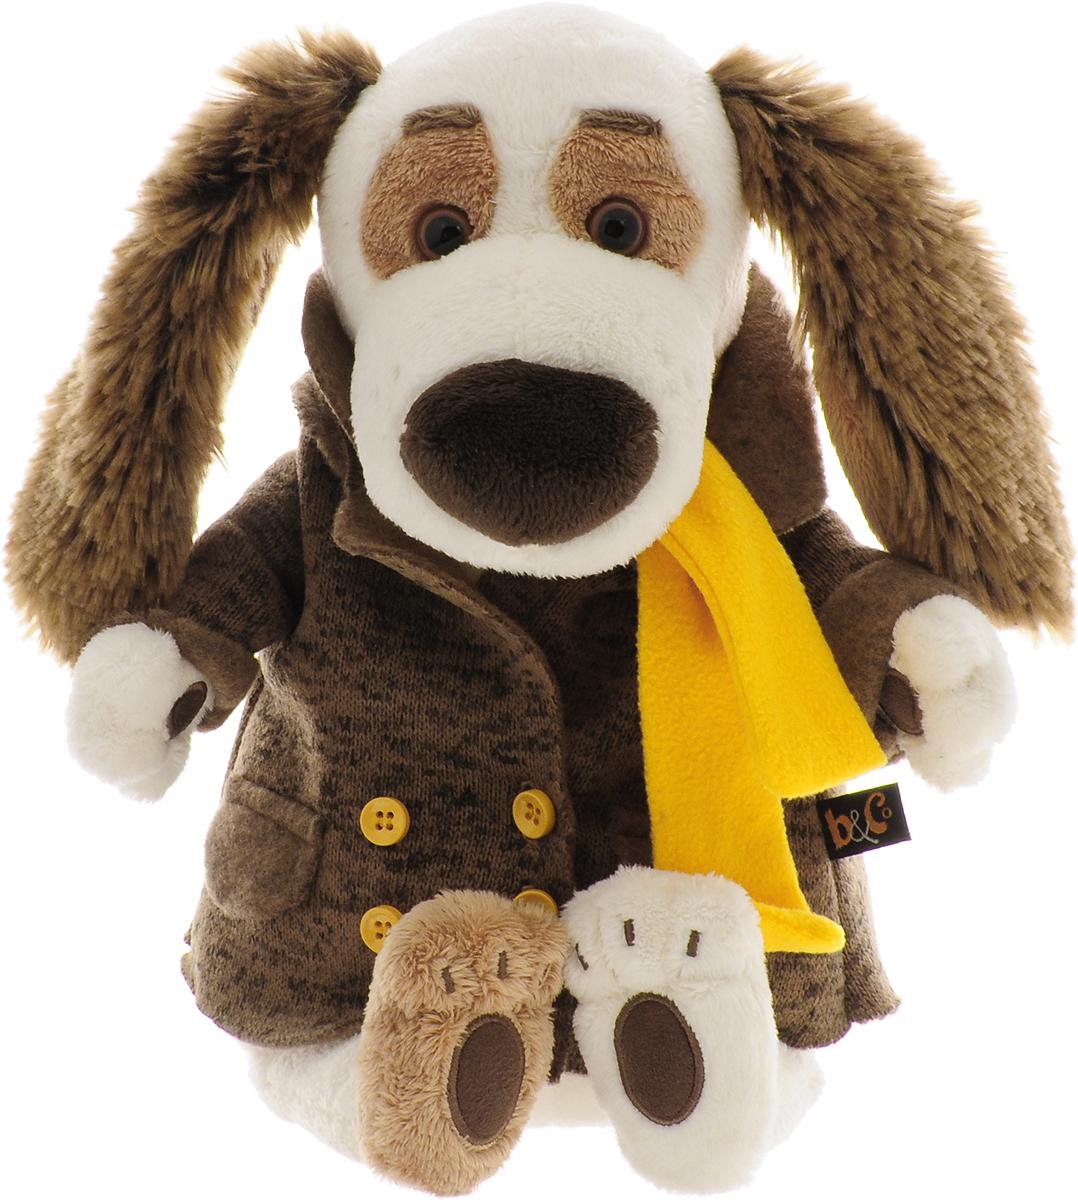 Bartholomew Мягкая игрушка Бартоломей в пальто высота 27 см bartholomew